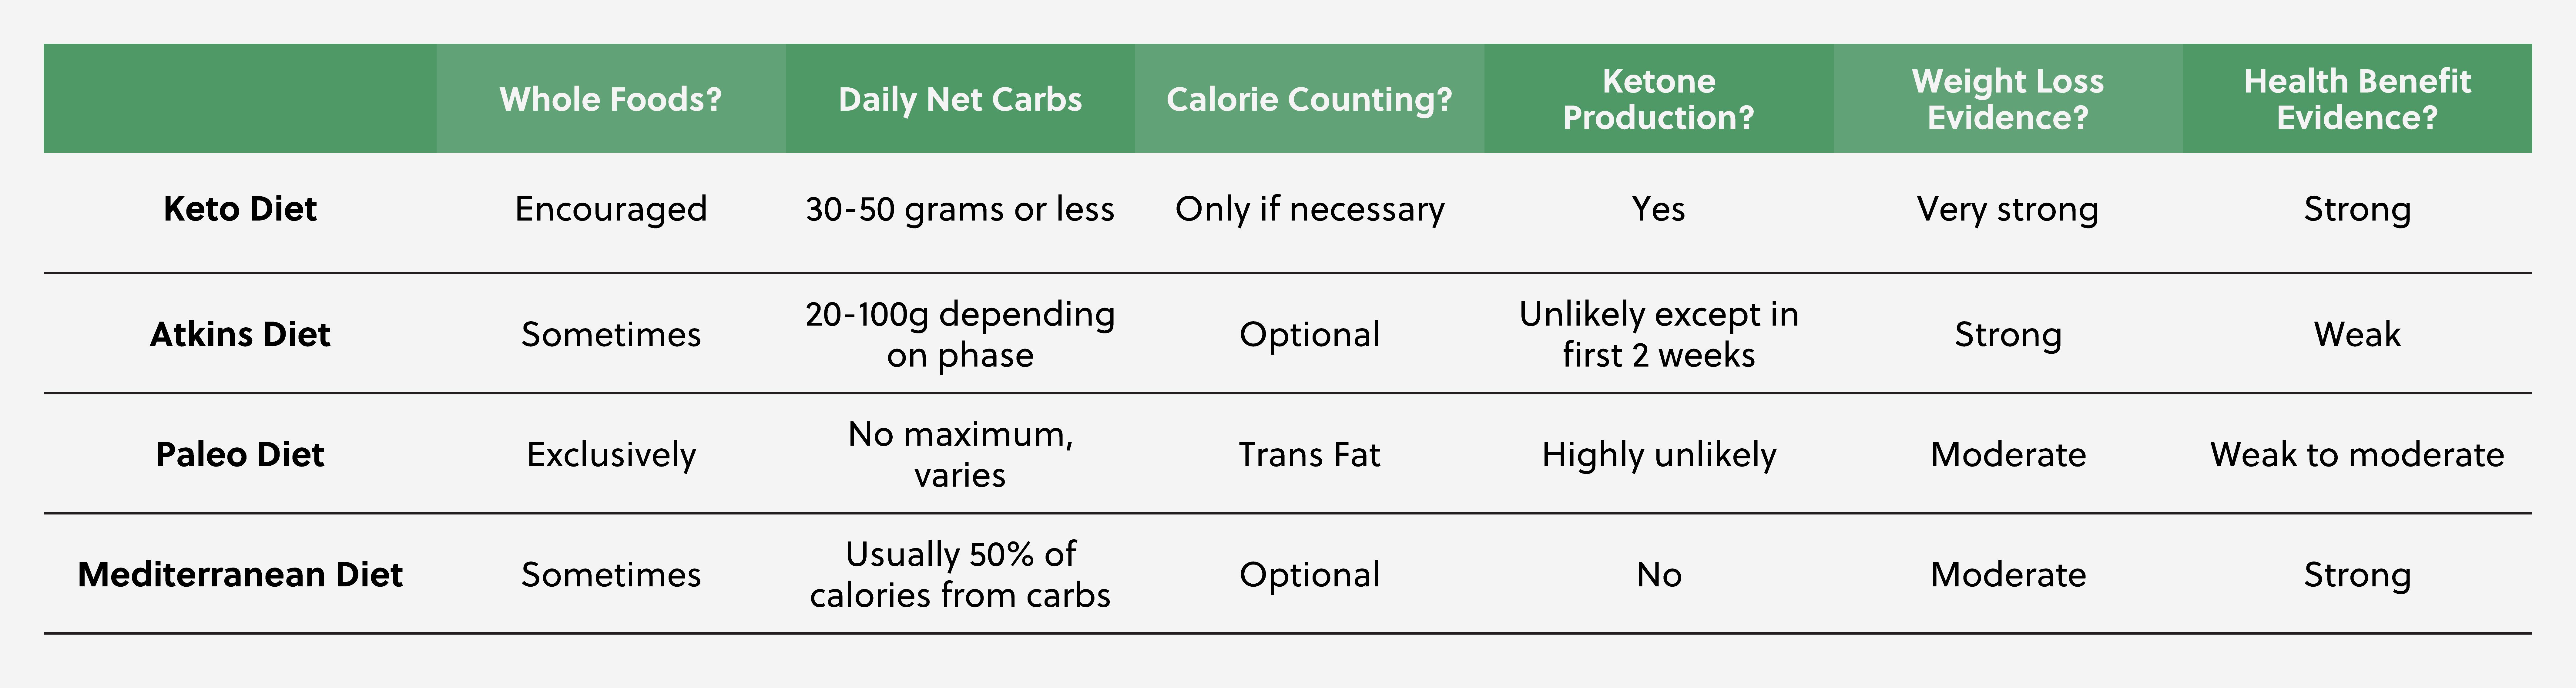 Keto-vs-Popular-Weight-Loss-Diets.jpg